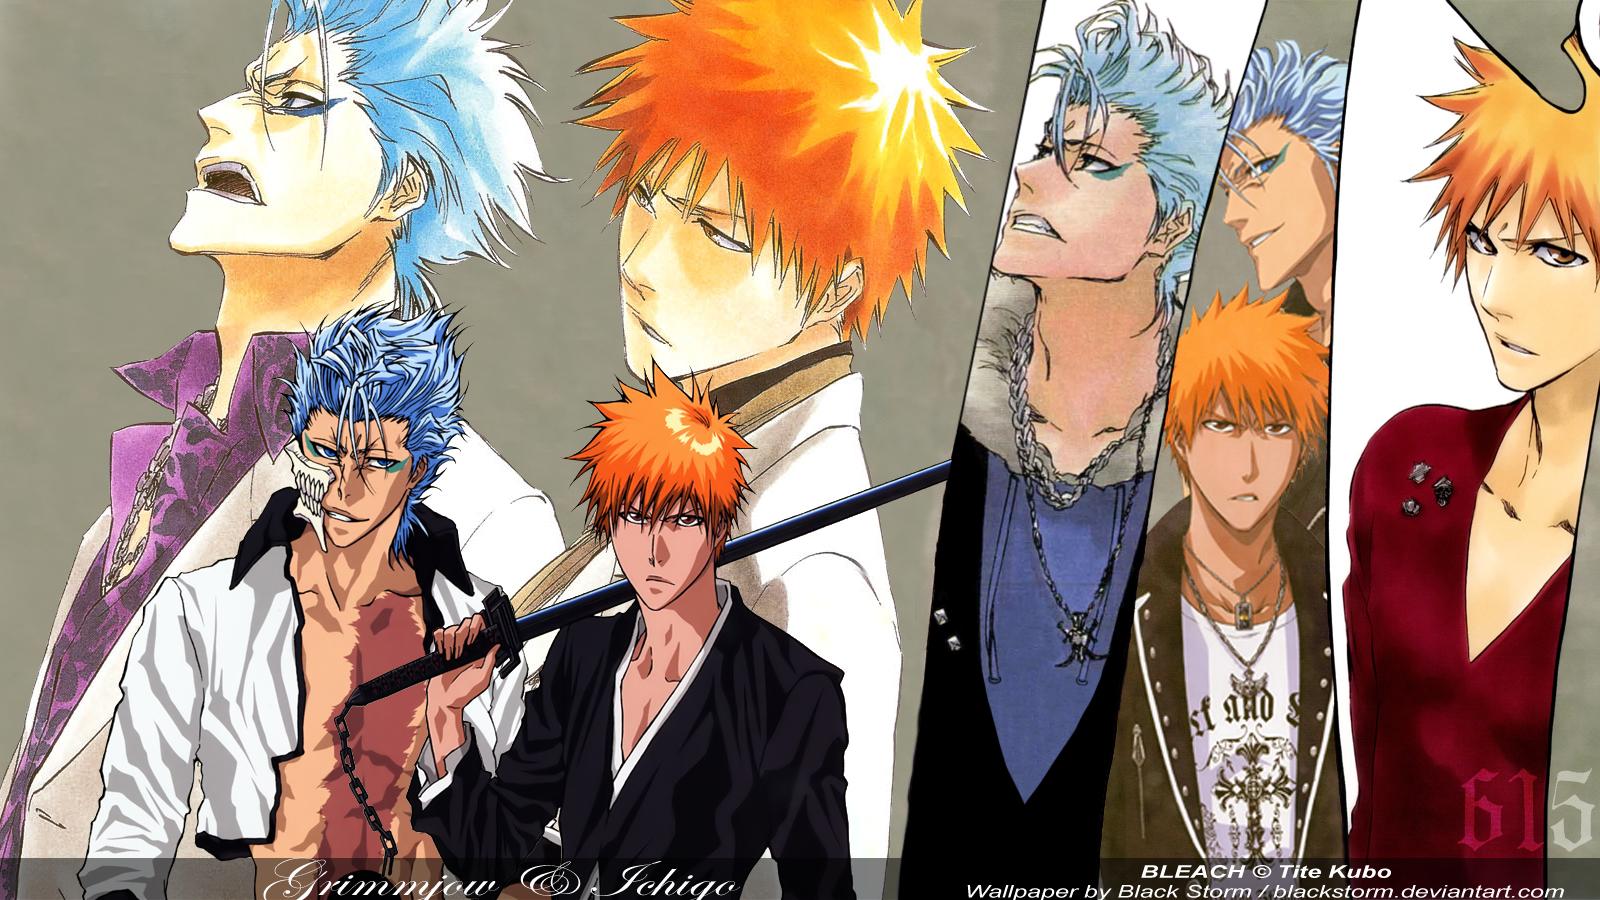 Bleach Tite Kubo Wallpaper 341422 Zerochan Anime Image Board